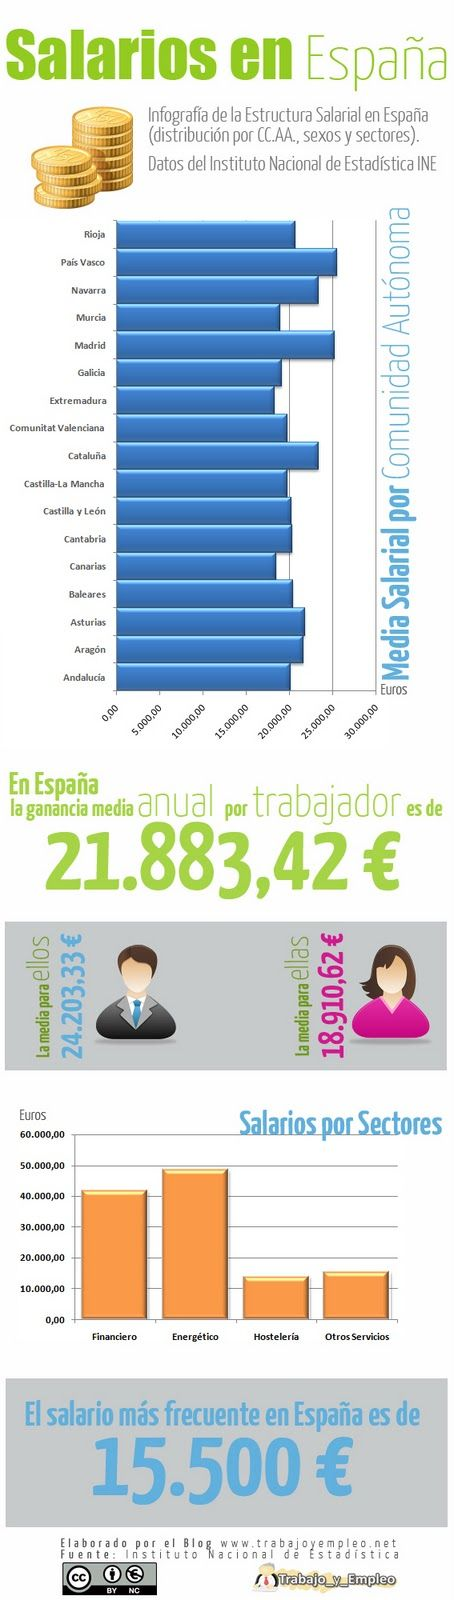 Salarios en España #infografia #economia